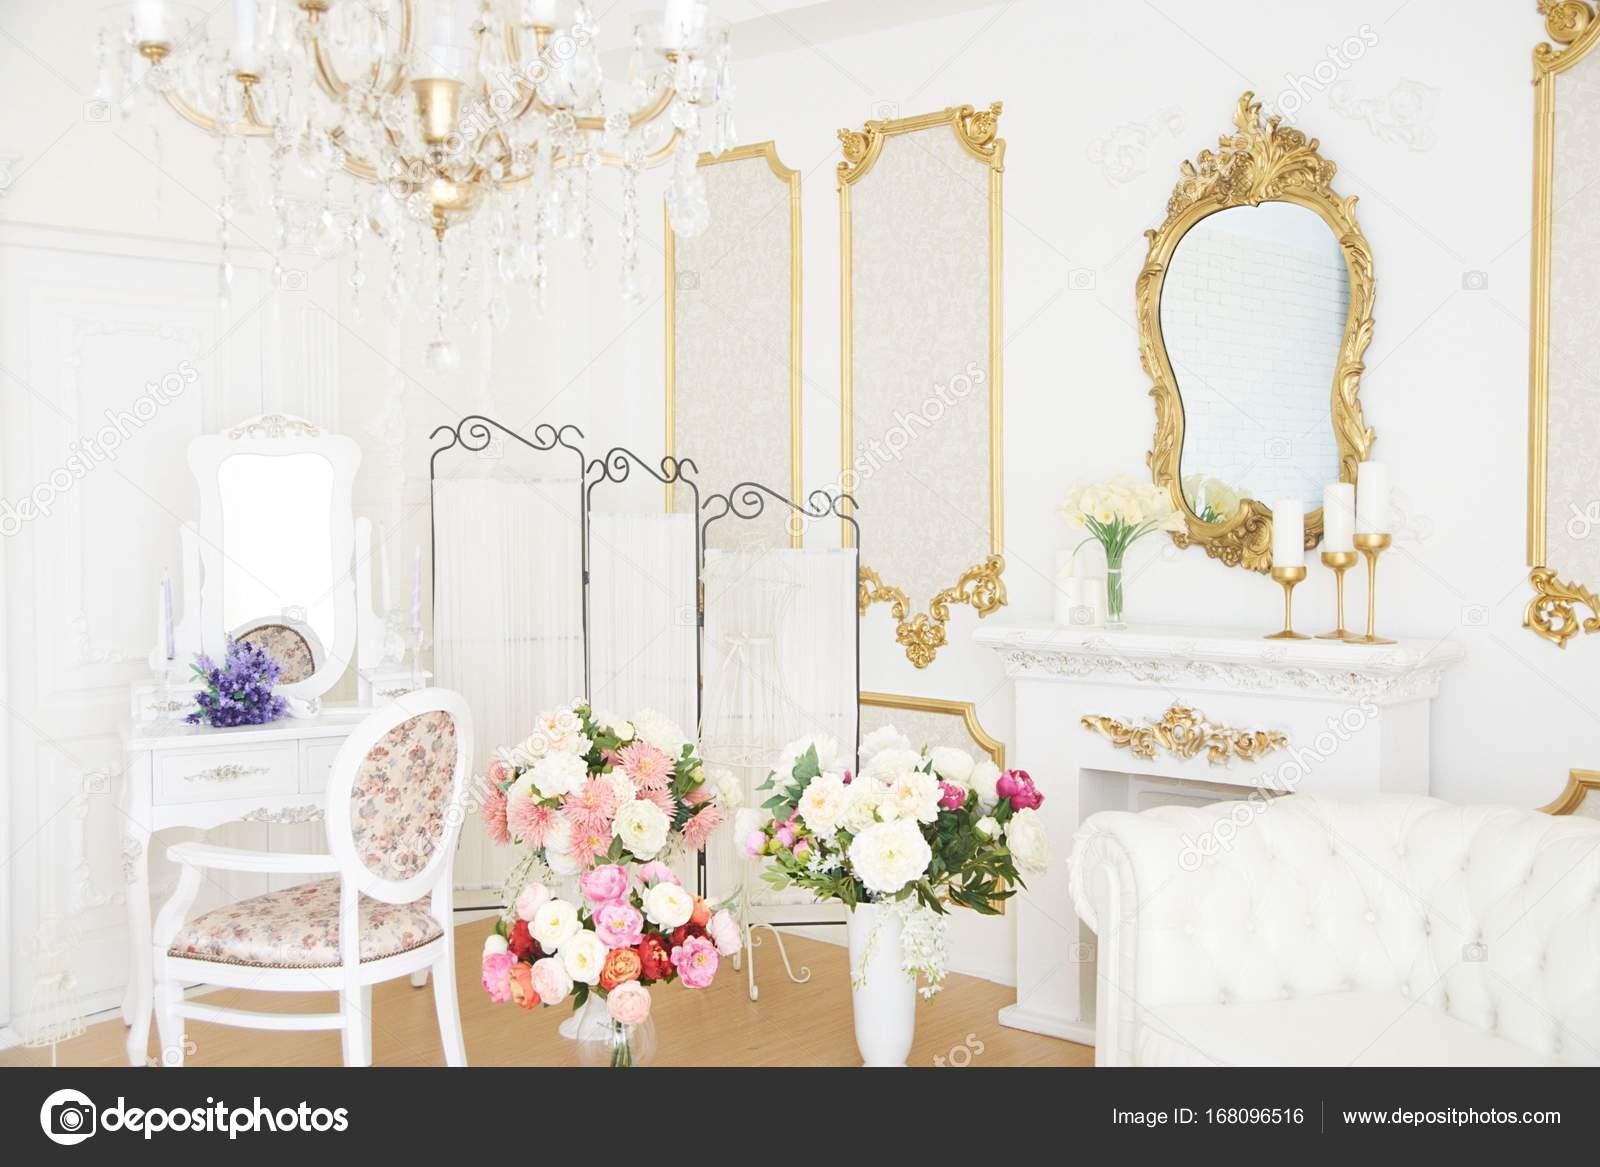 Decorazioni Luminose Per Interni : Bellissimi interni ricchi sala luminosa decorazioni nozze u foto